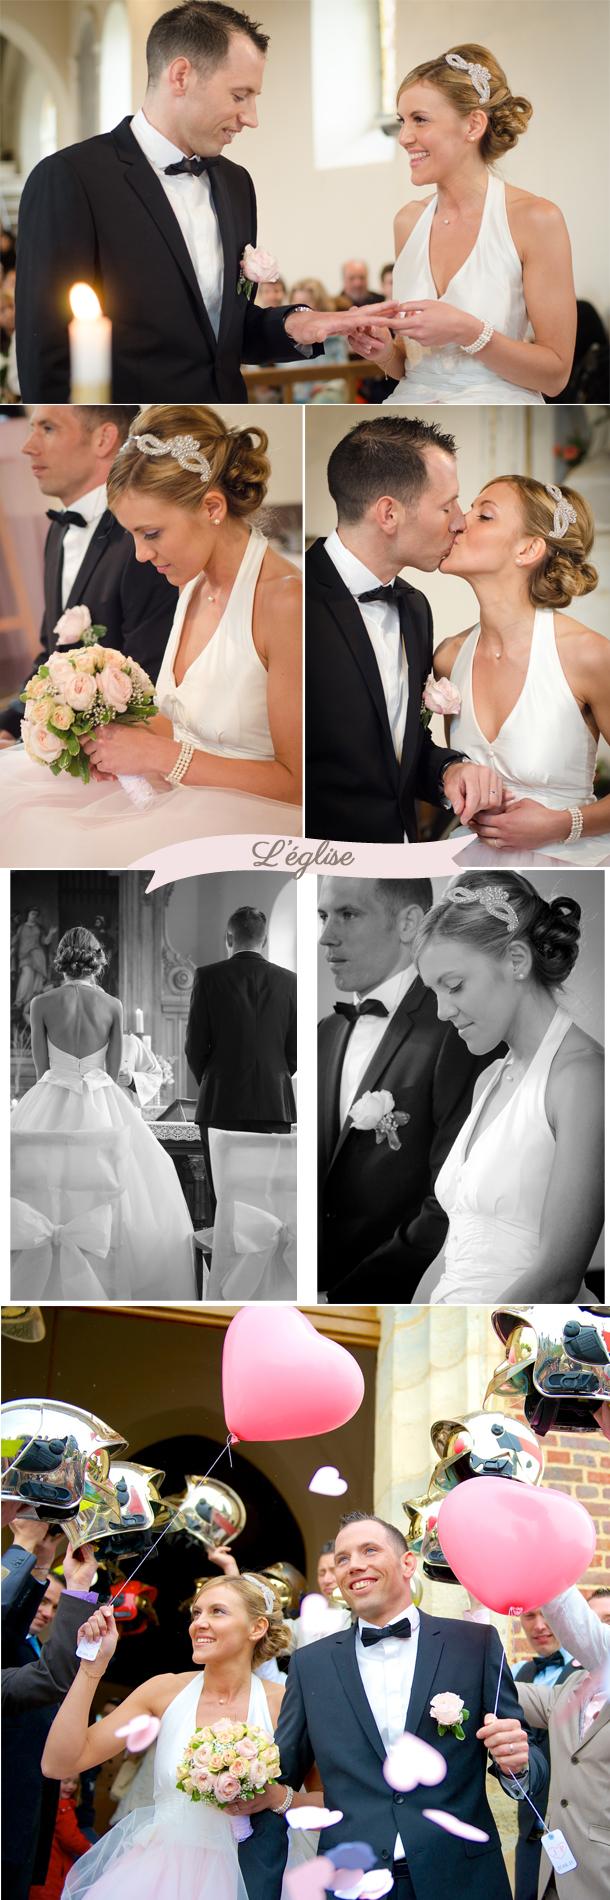 église mariage rétro Julie